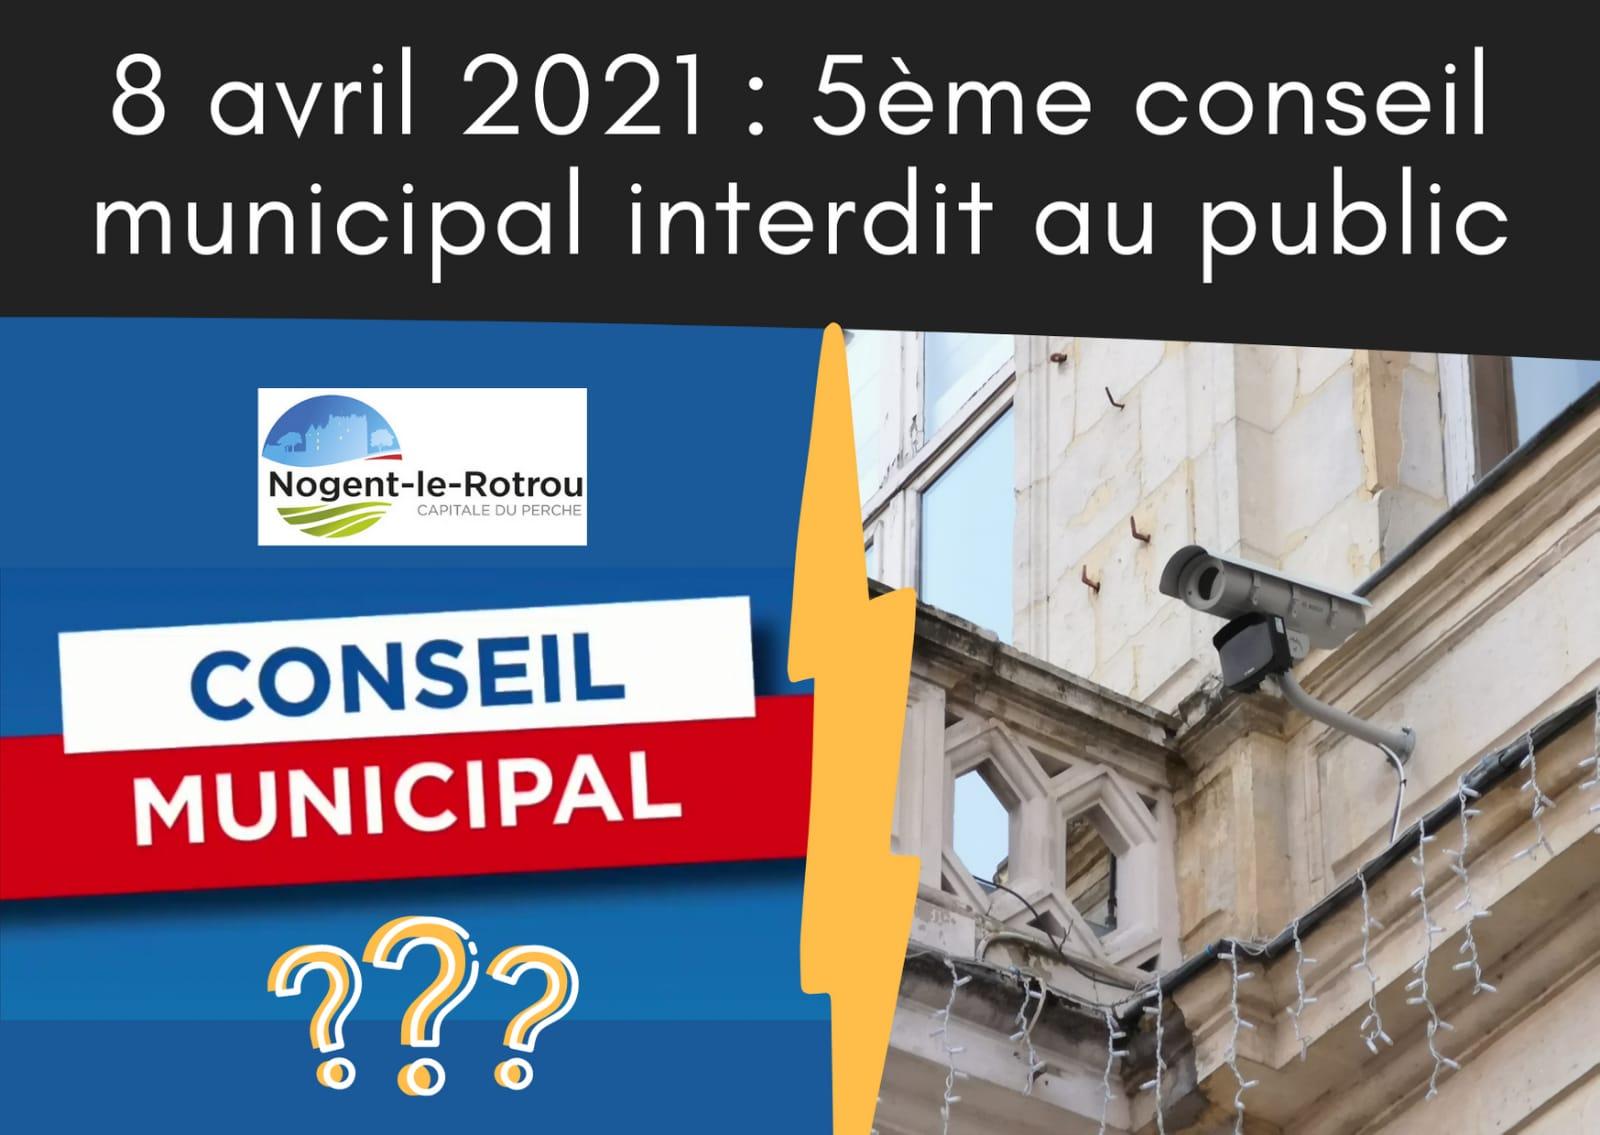 5ème Conseil municipal interdit au public